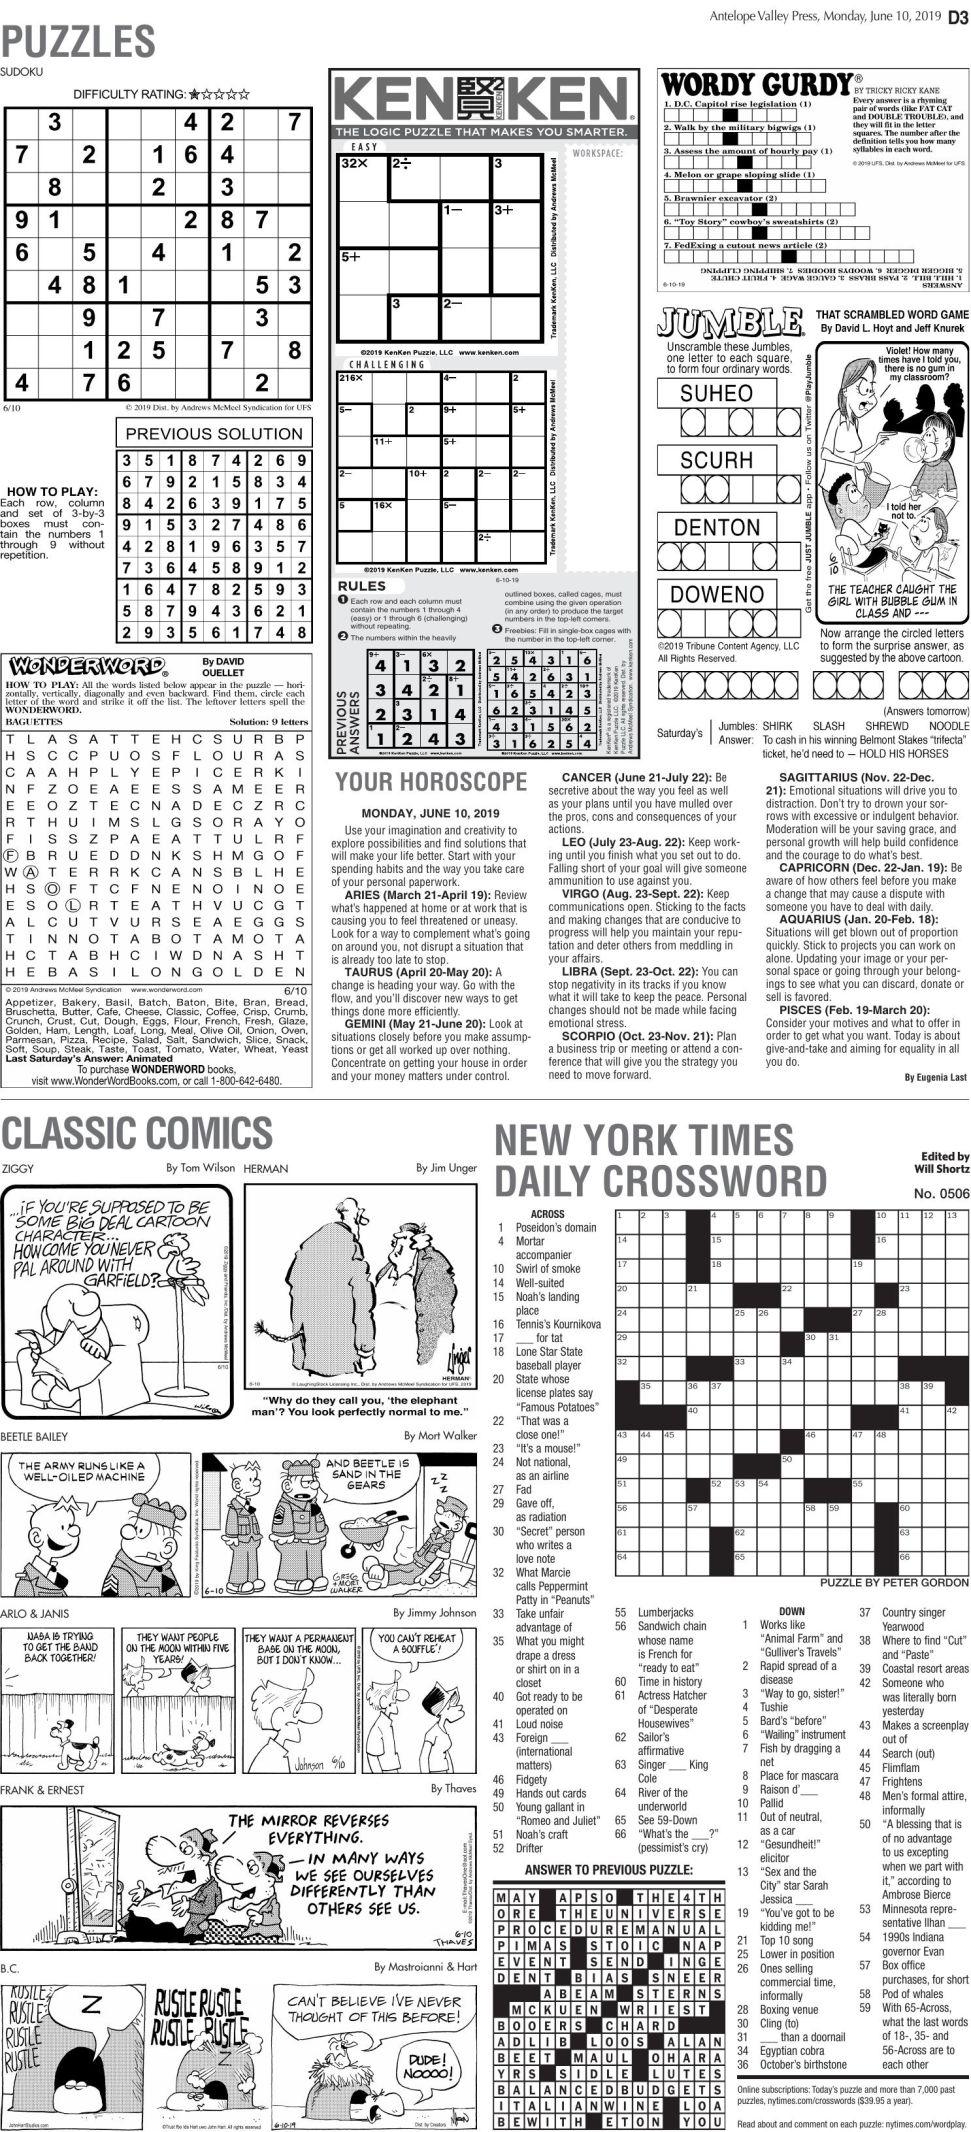 June 10, 2019, Puzzles